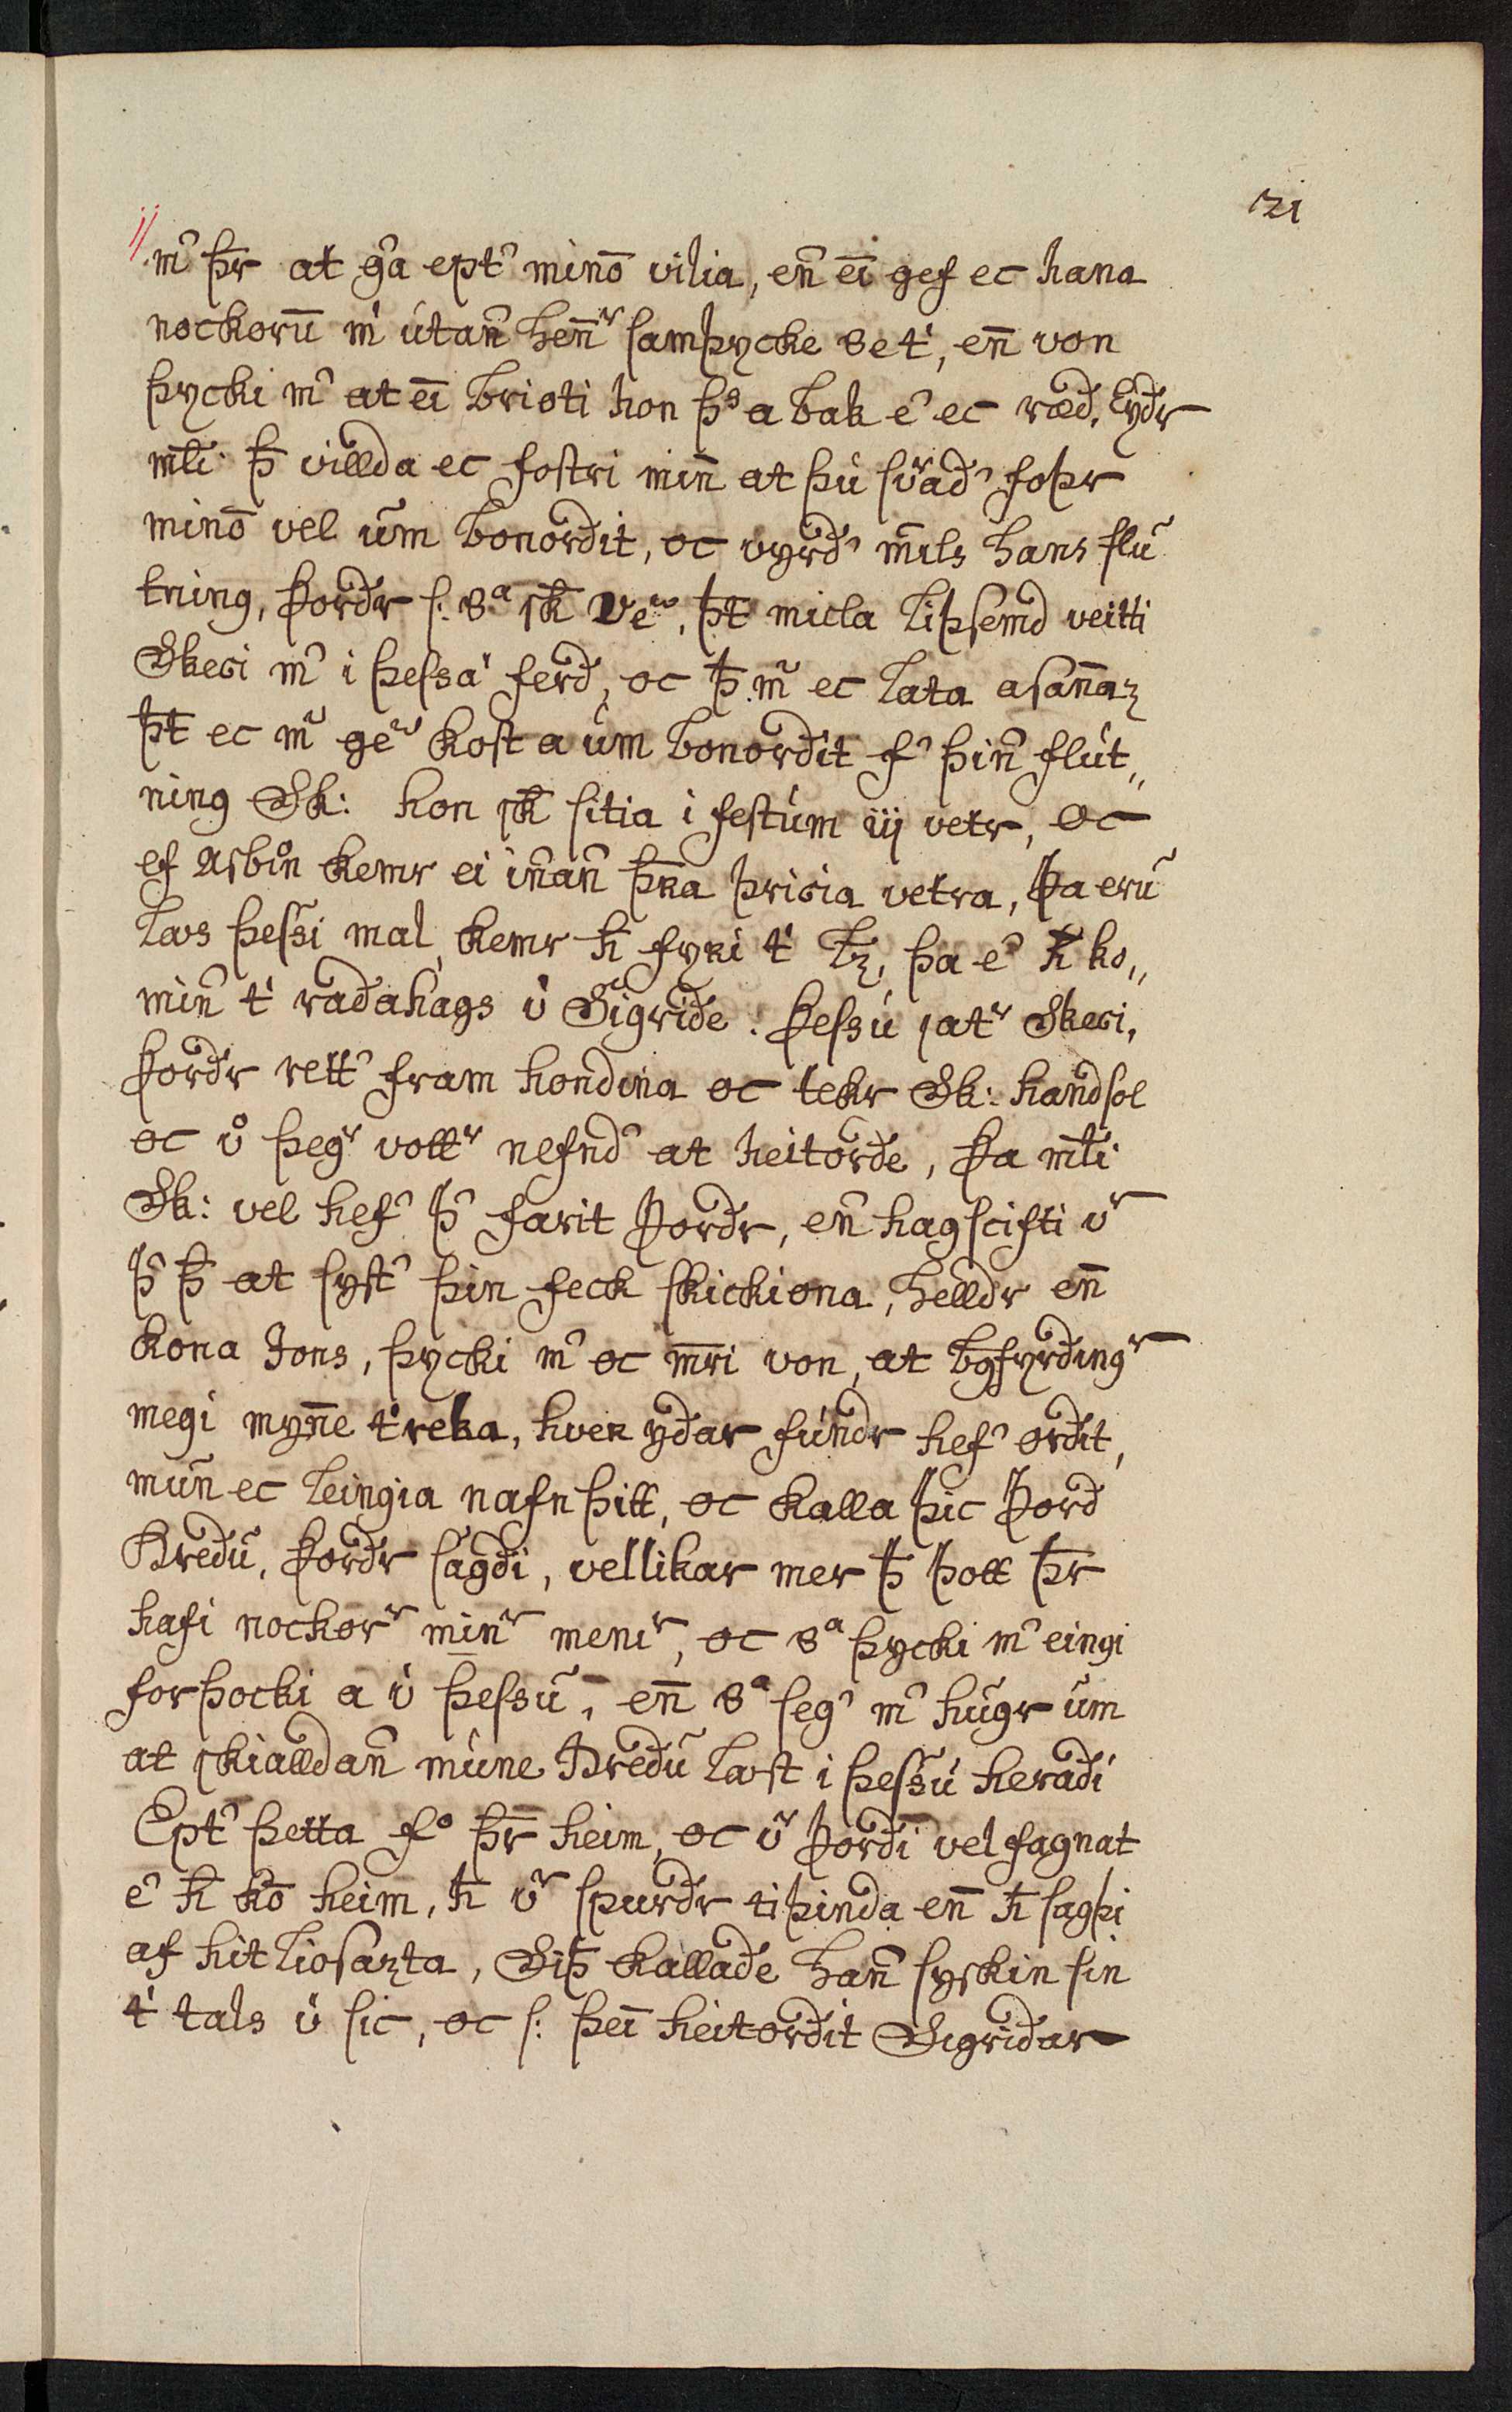 AM 157 a fol - 11r